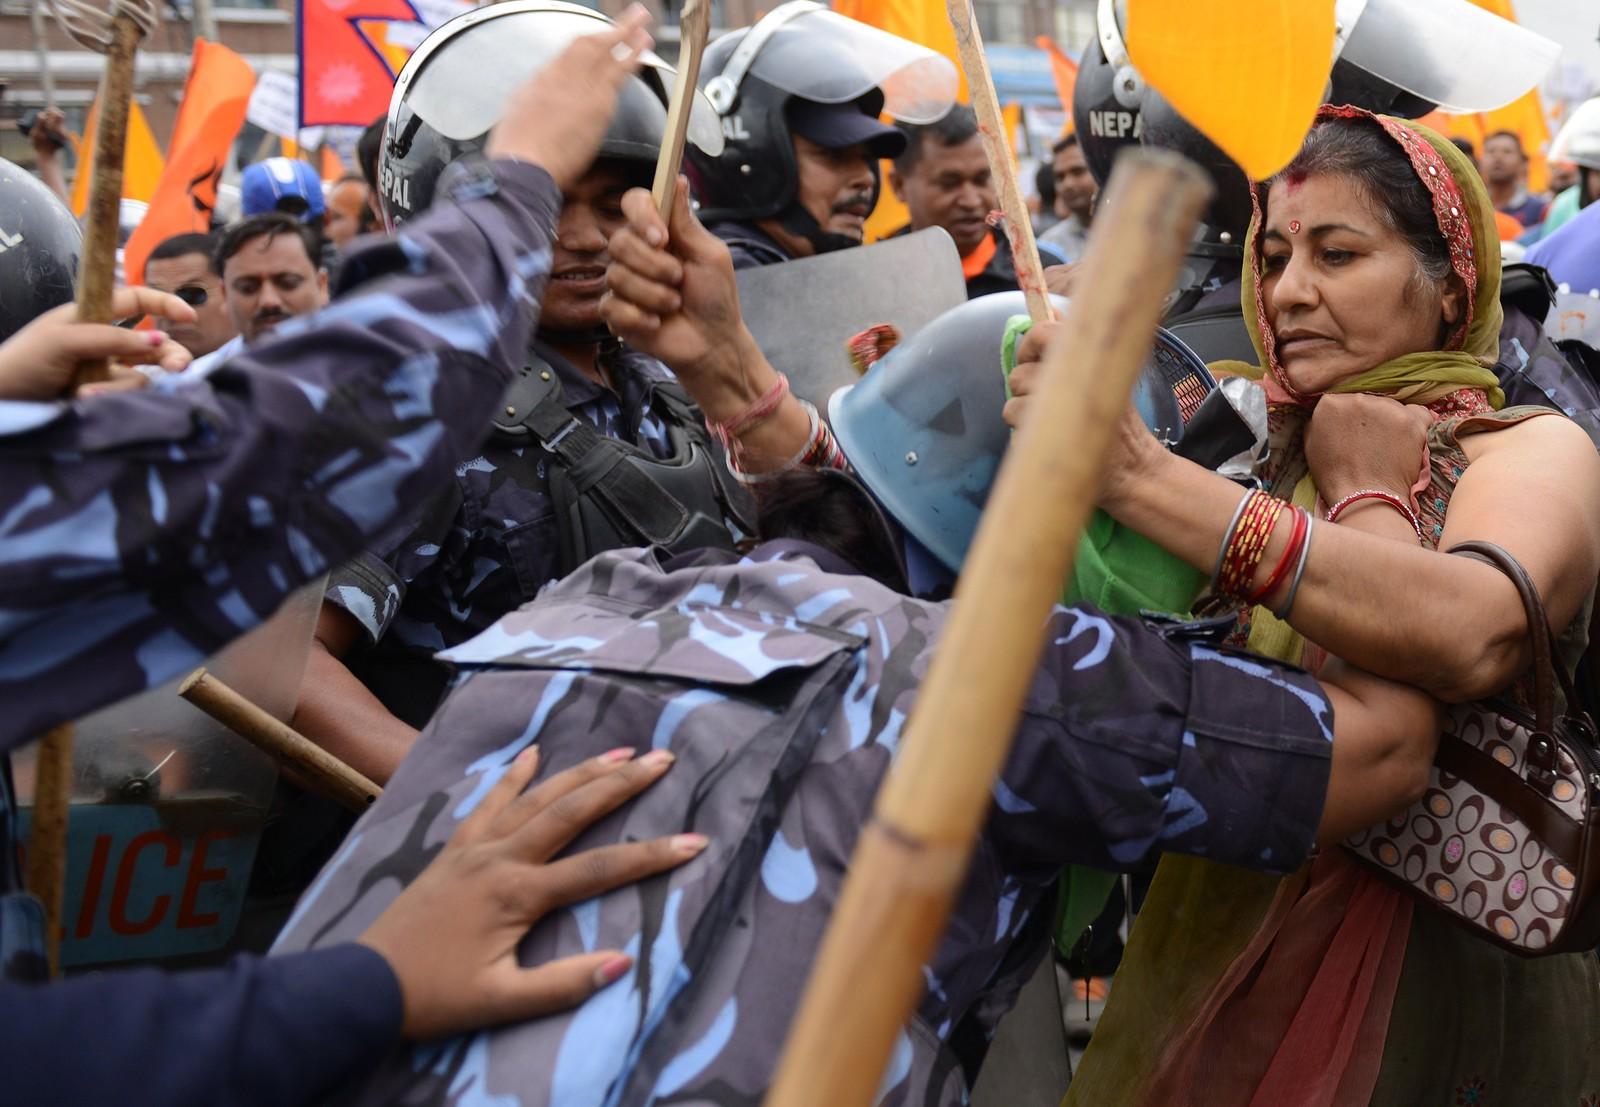 Nepalsk politi stopper hindu-aktivister som prøver å komme seg forbi det avsperrede området rundt parlamentet i Kathmandu. Demonstrantene krever at Nepal skal erklæres en hindustat igjen. Denne uken fortsatte jobben med utkastet til Nepals nye grunnlov.